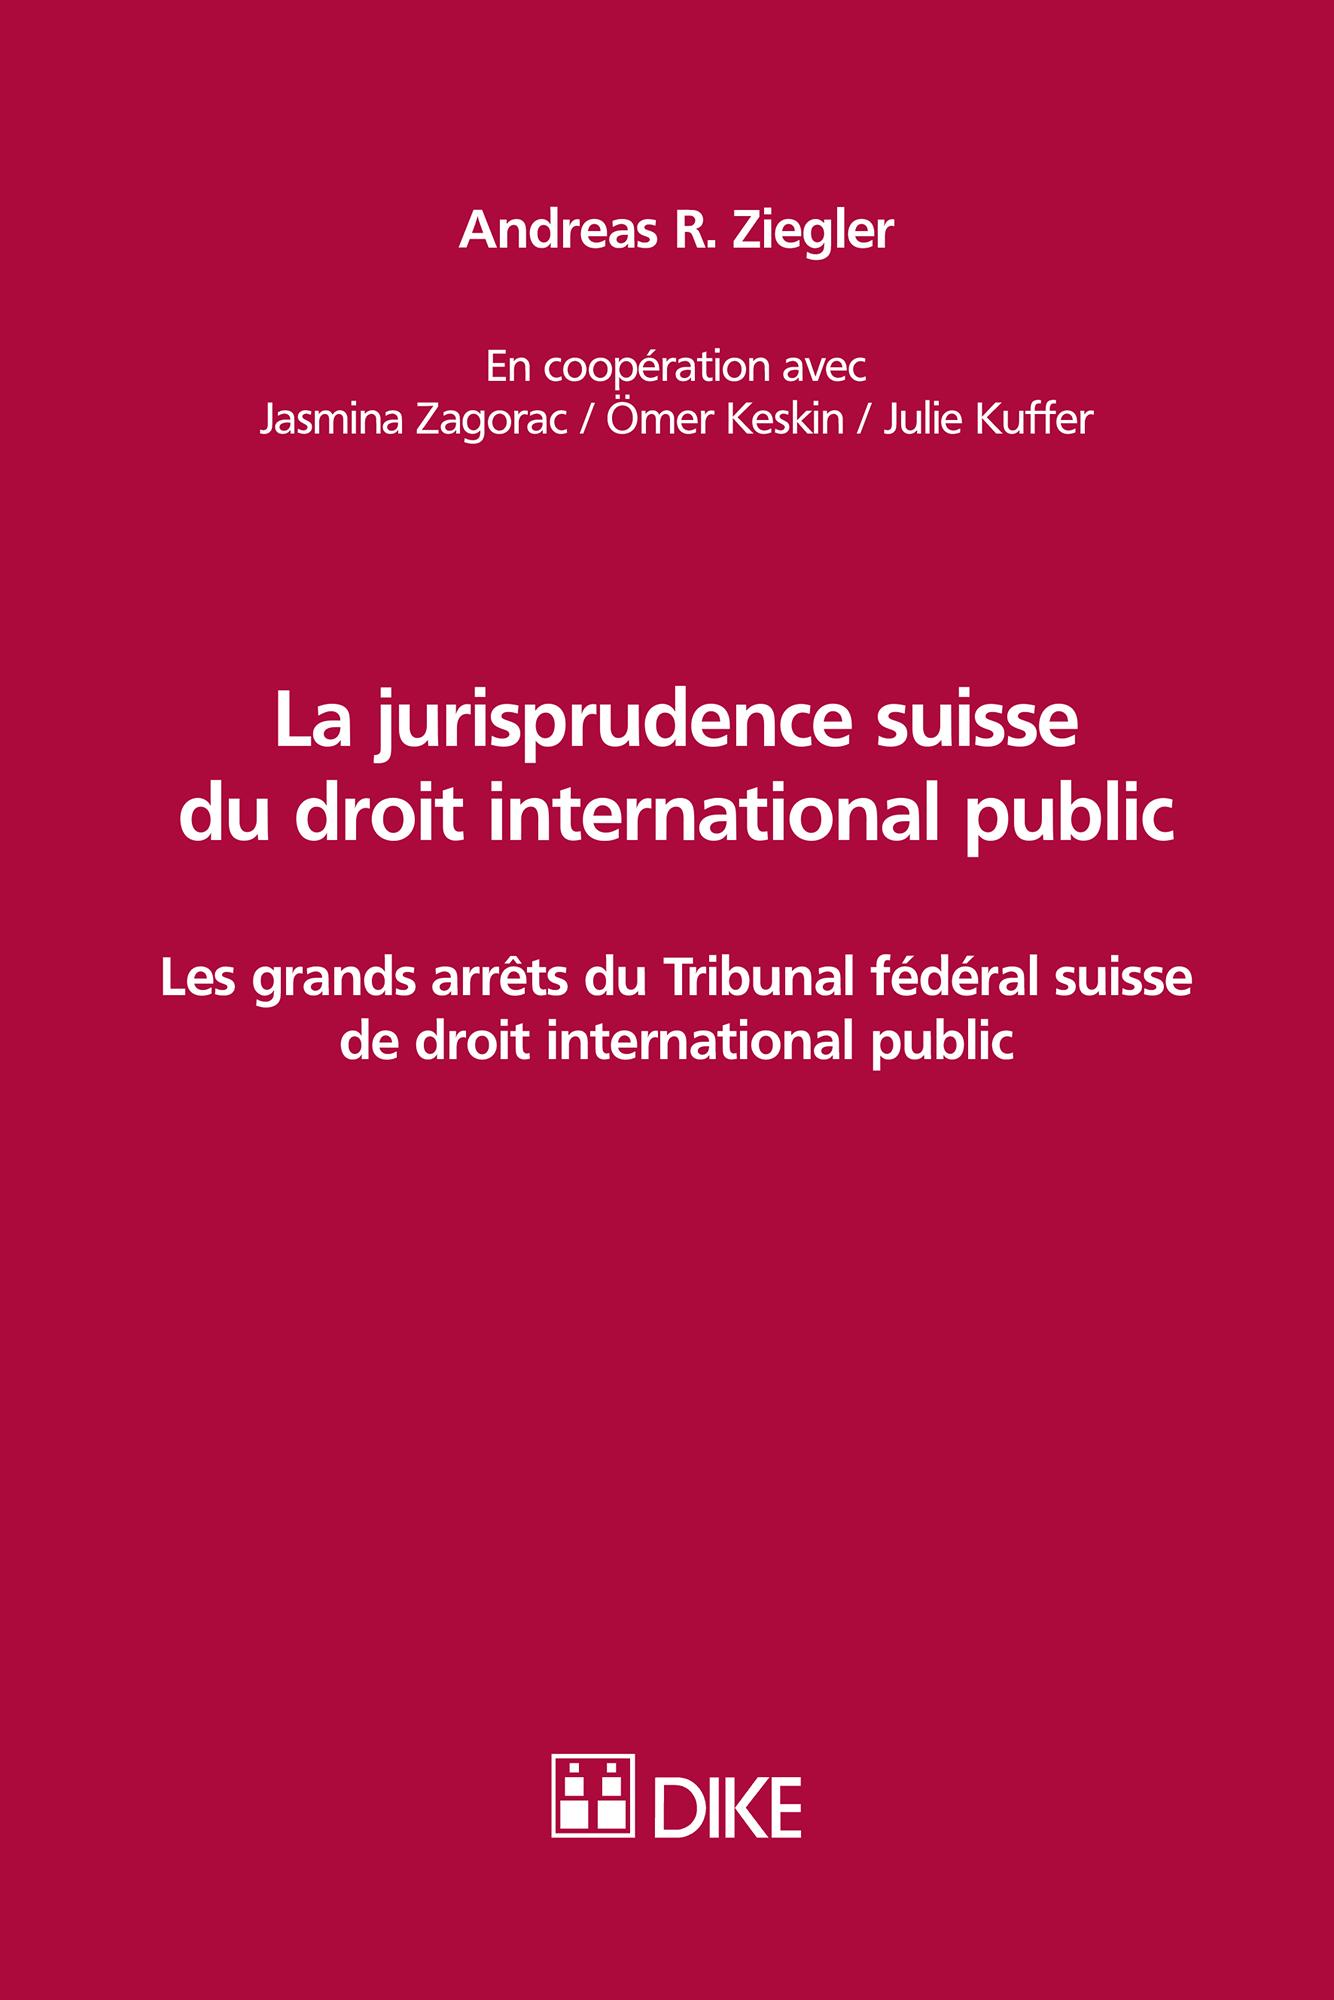 La jurisprudence suisse du droit international public